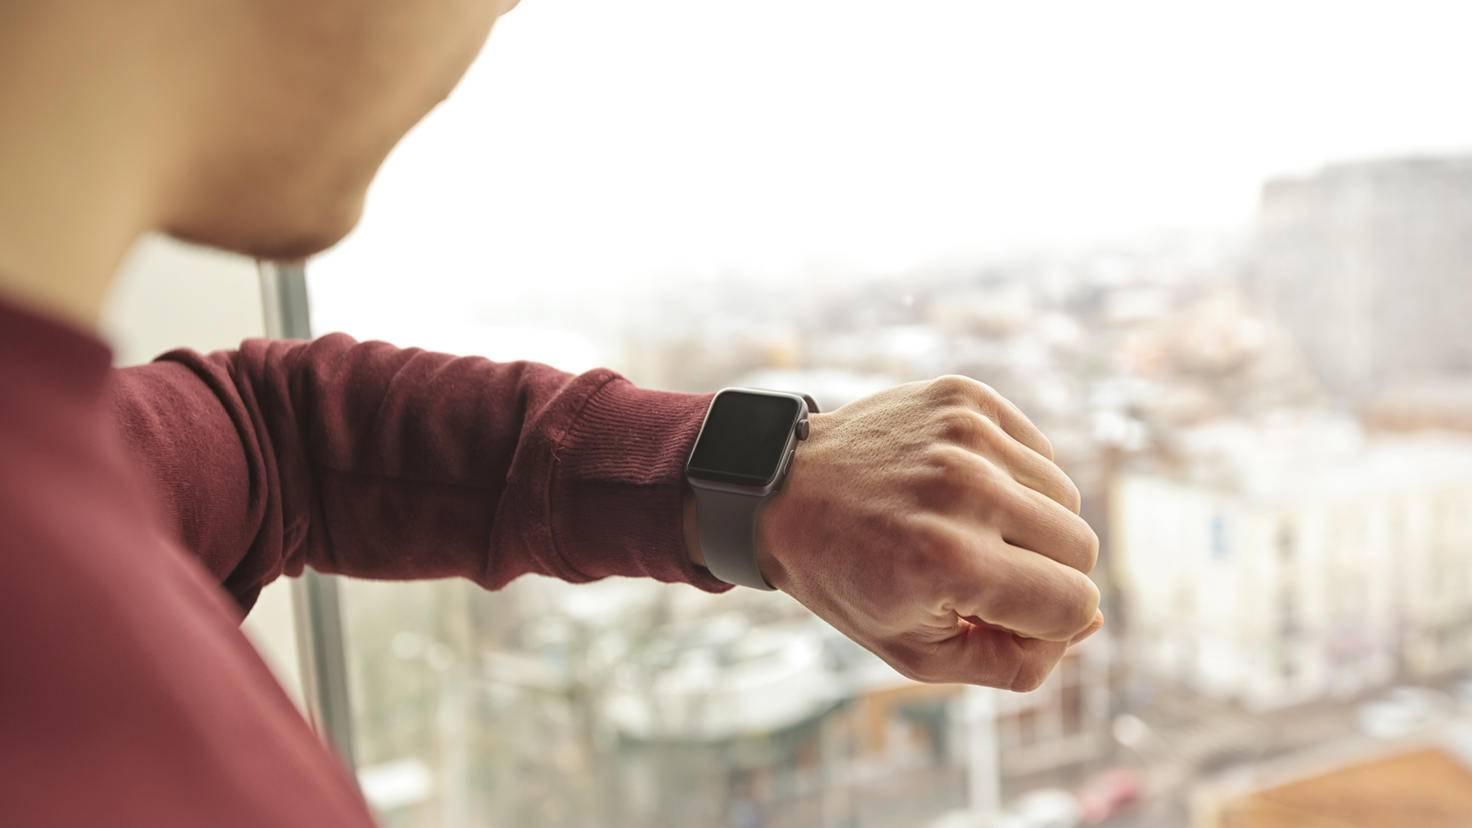 Wohin soll es gehen? Die Apple Watch zeigt Dir den Weg.